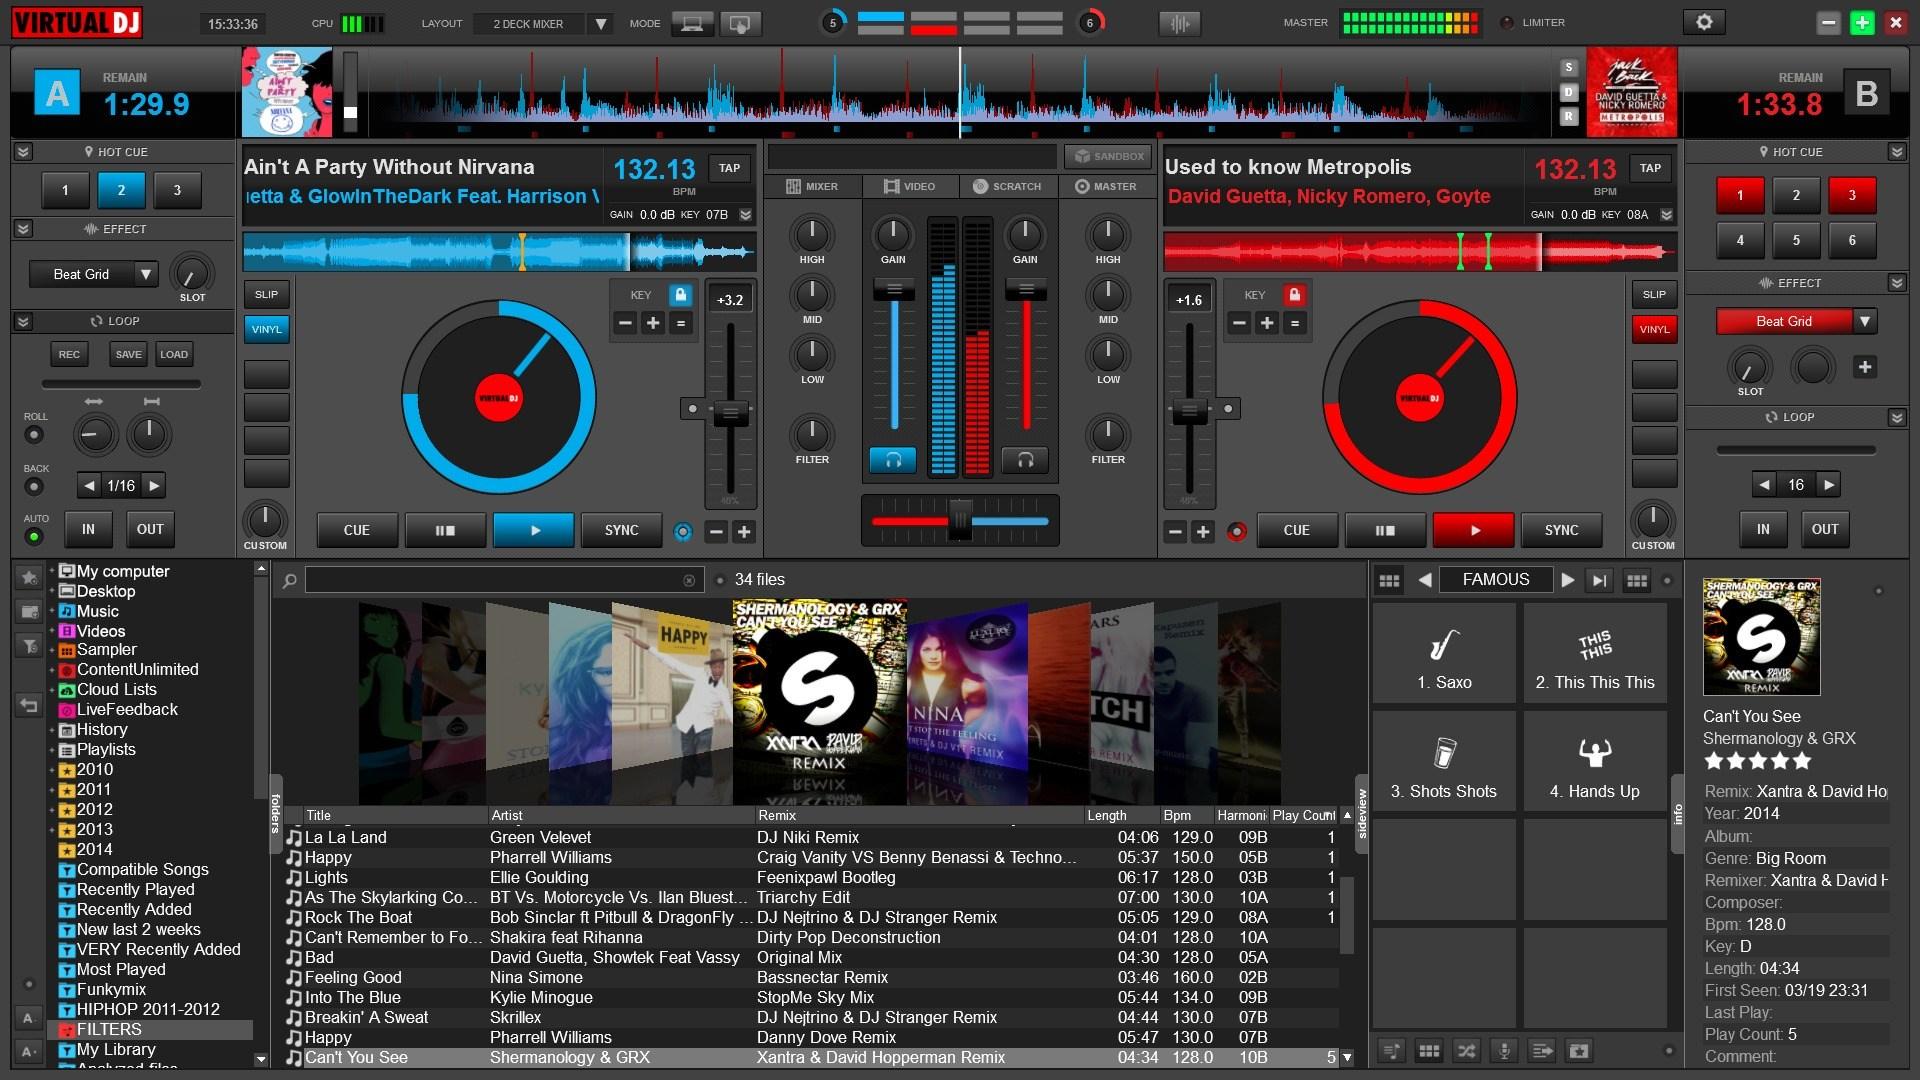 Das Mischpult Von Virtual DJ